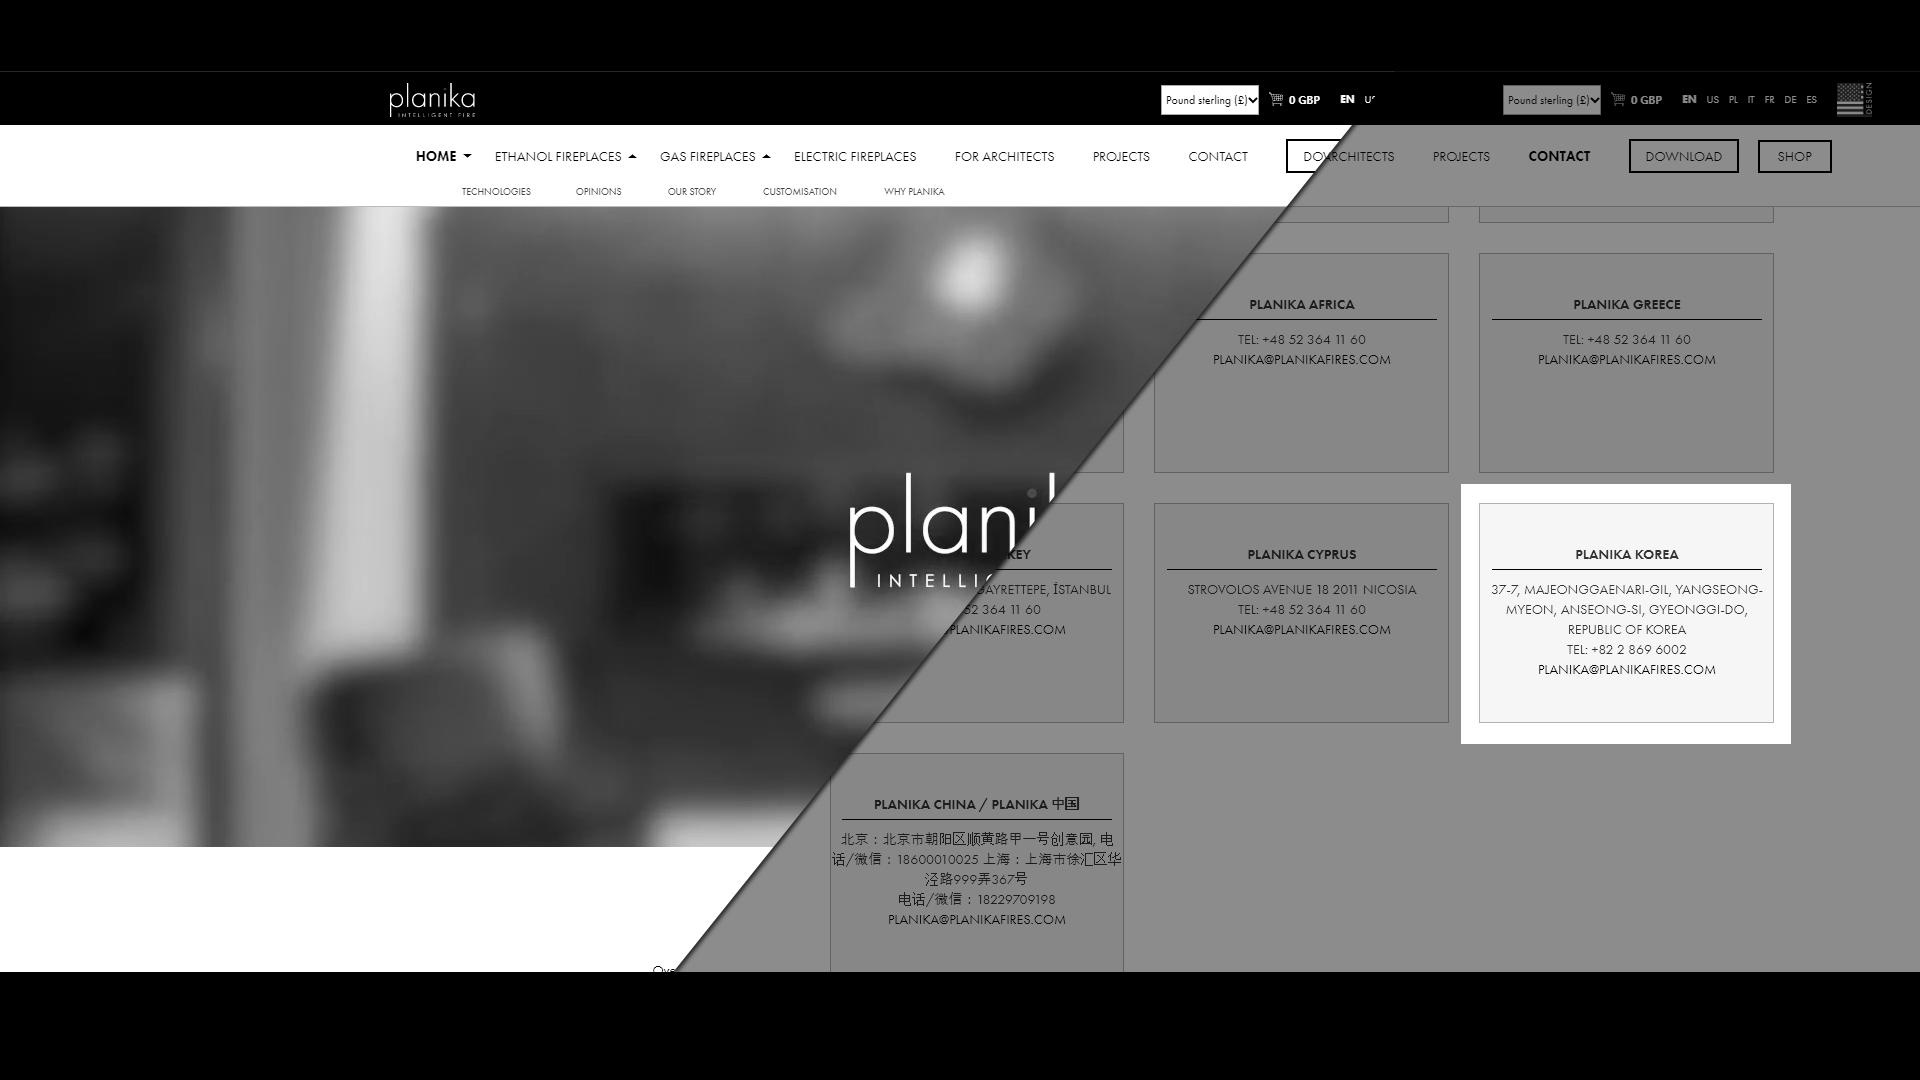 """<span style=""""font-size:10pt;"""">PLNAIKA 본사 홈페이지 https://www.planikafires.com/contact</span>"""